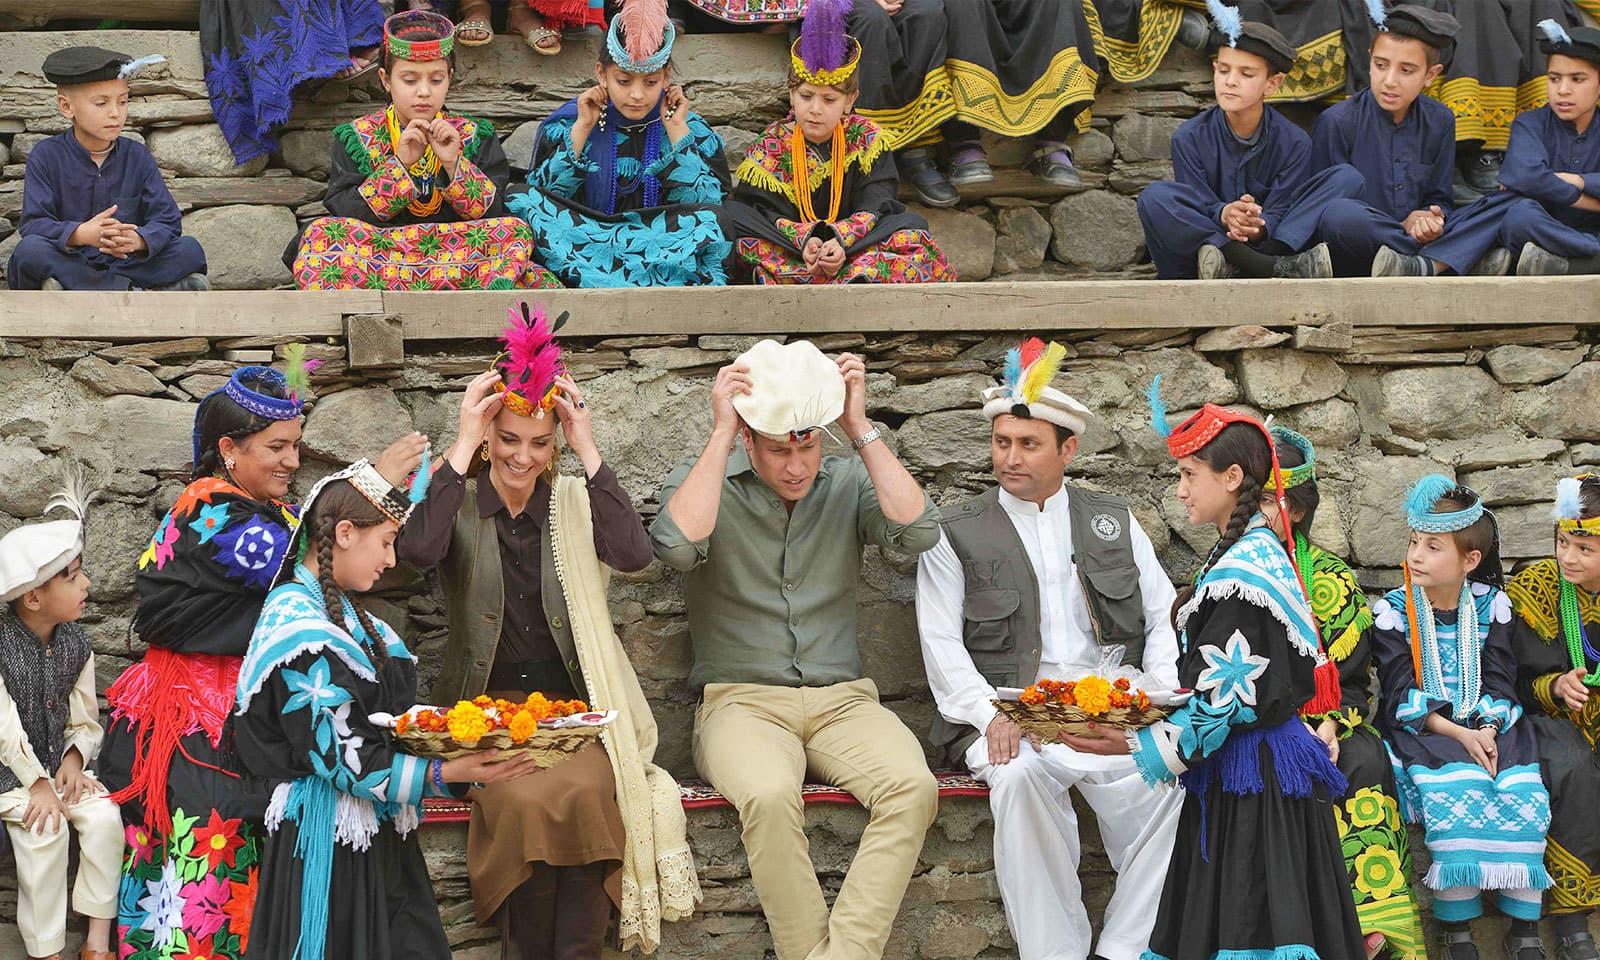 چترال کے دورے کے دوران بھی شاہی جوڑا کیلاش قبیلے کے افراد میں گھل مل گیا—فوٹو: اے ایف پی